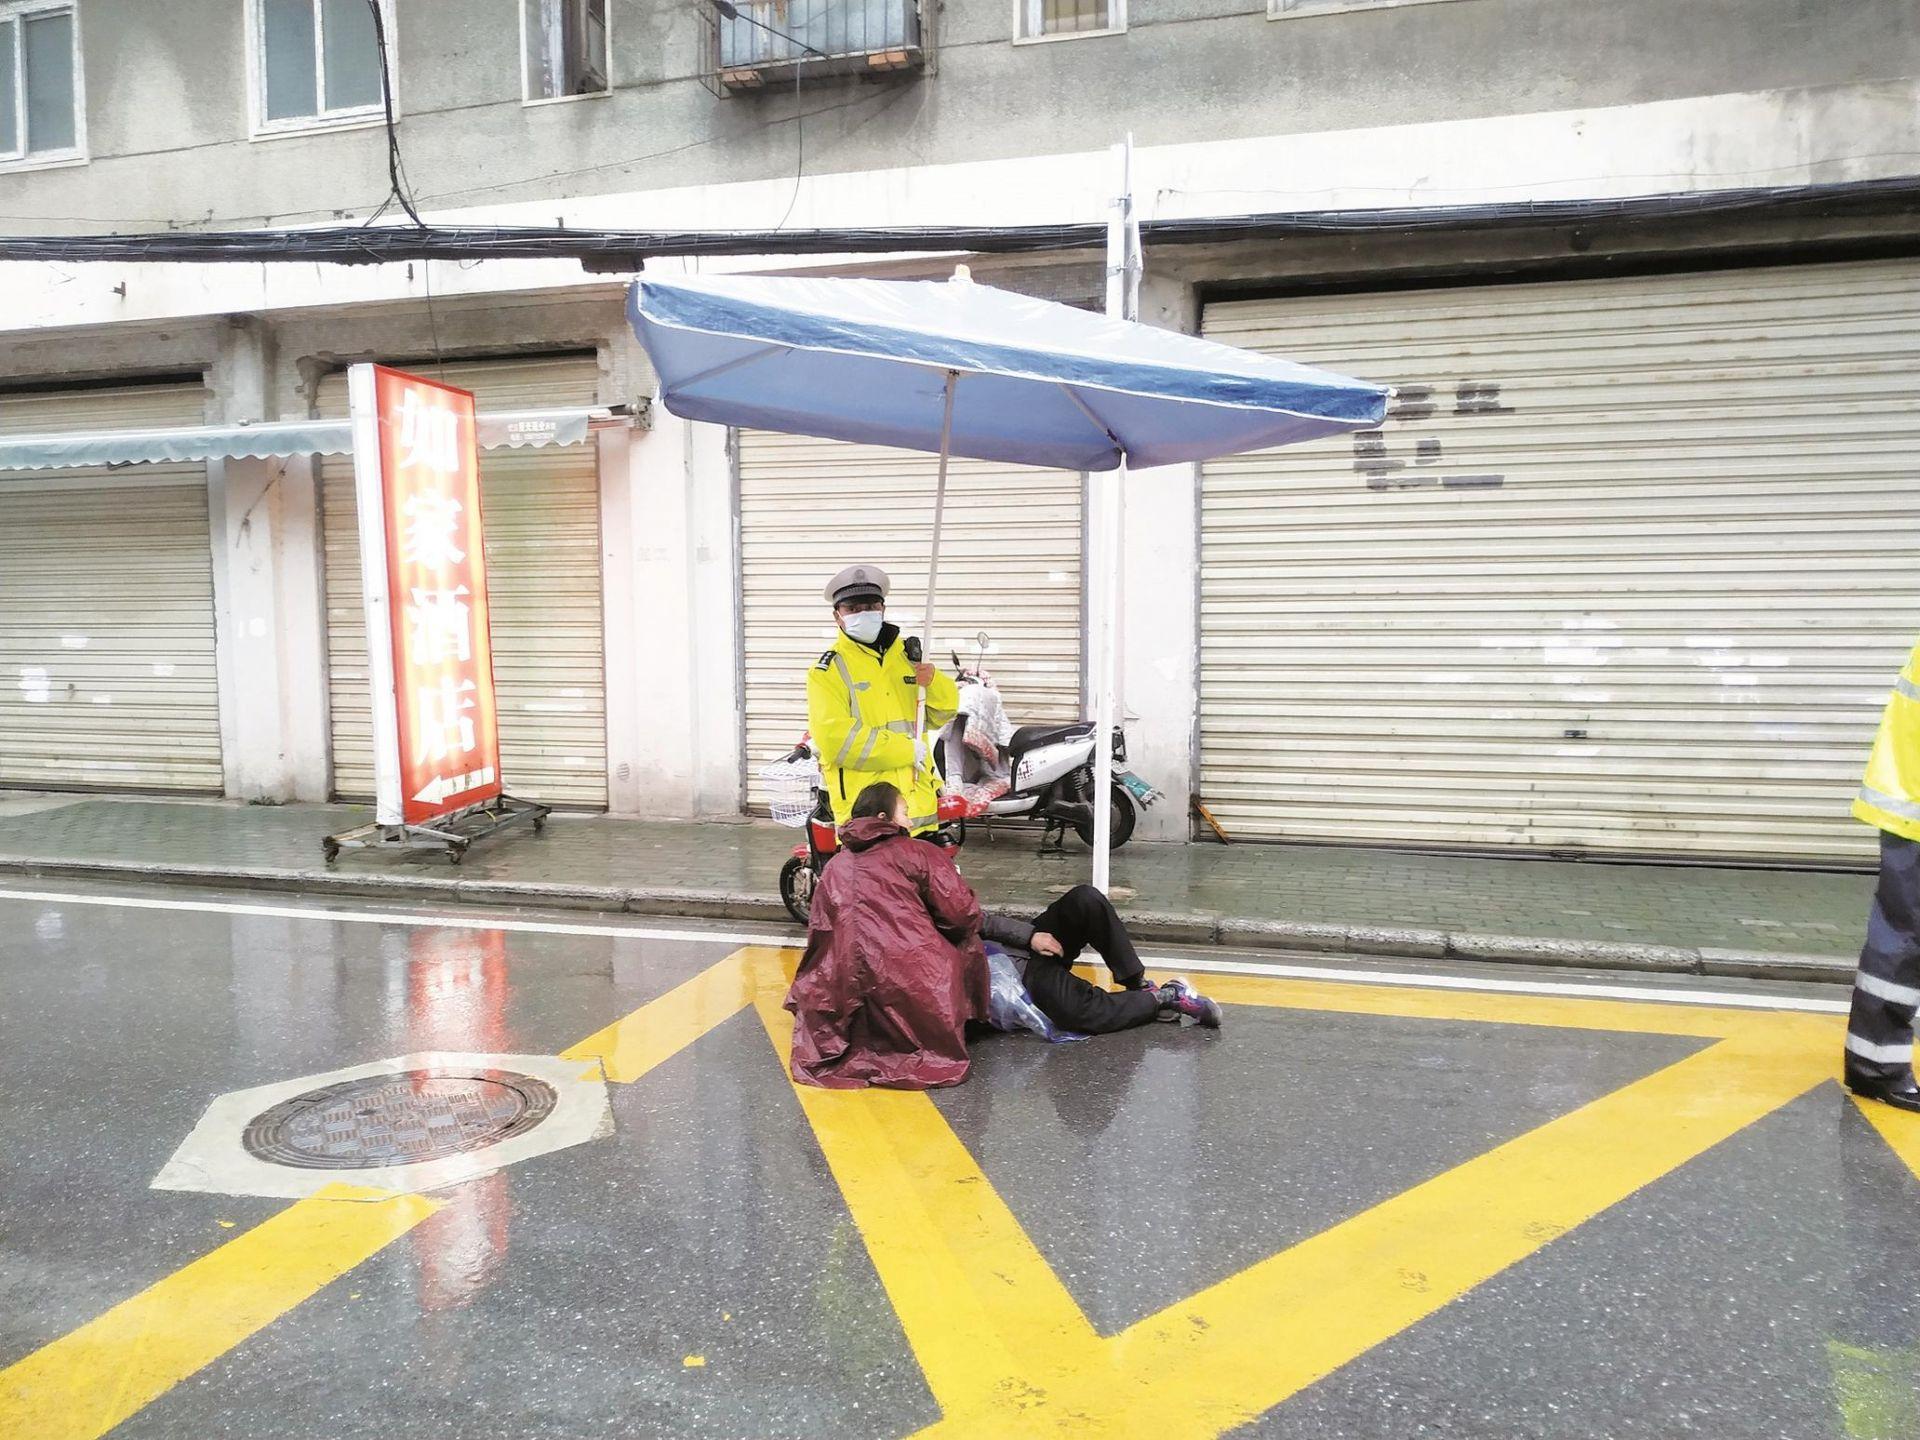 交警腰顶大伞为受伤老人遮挡寒